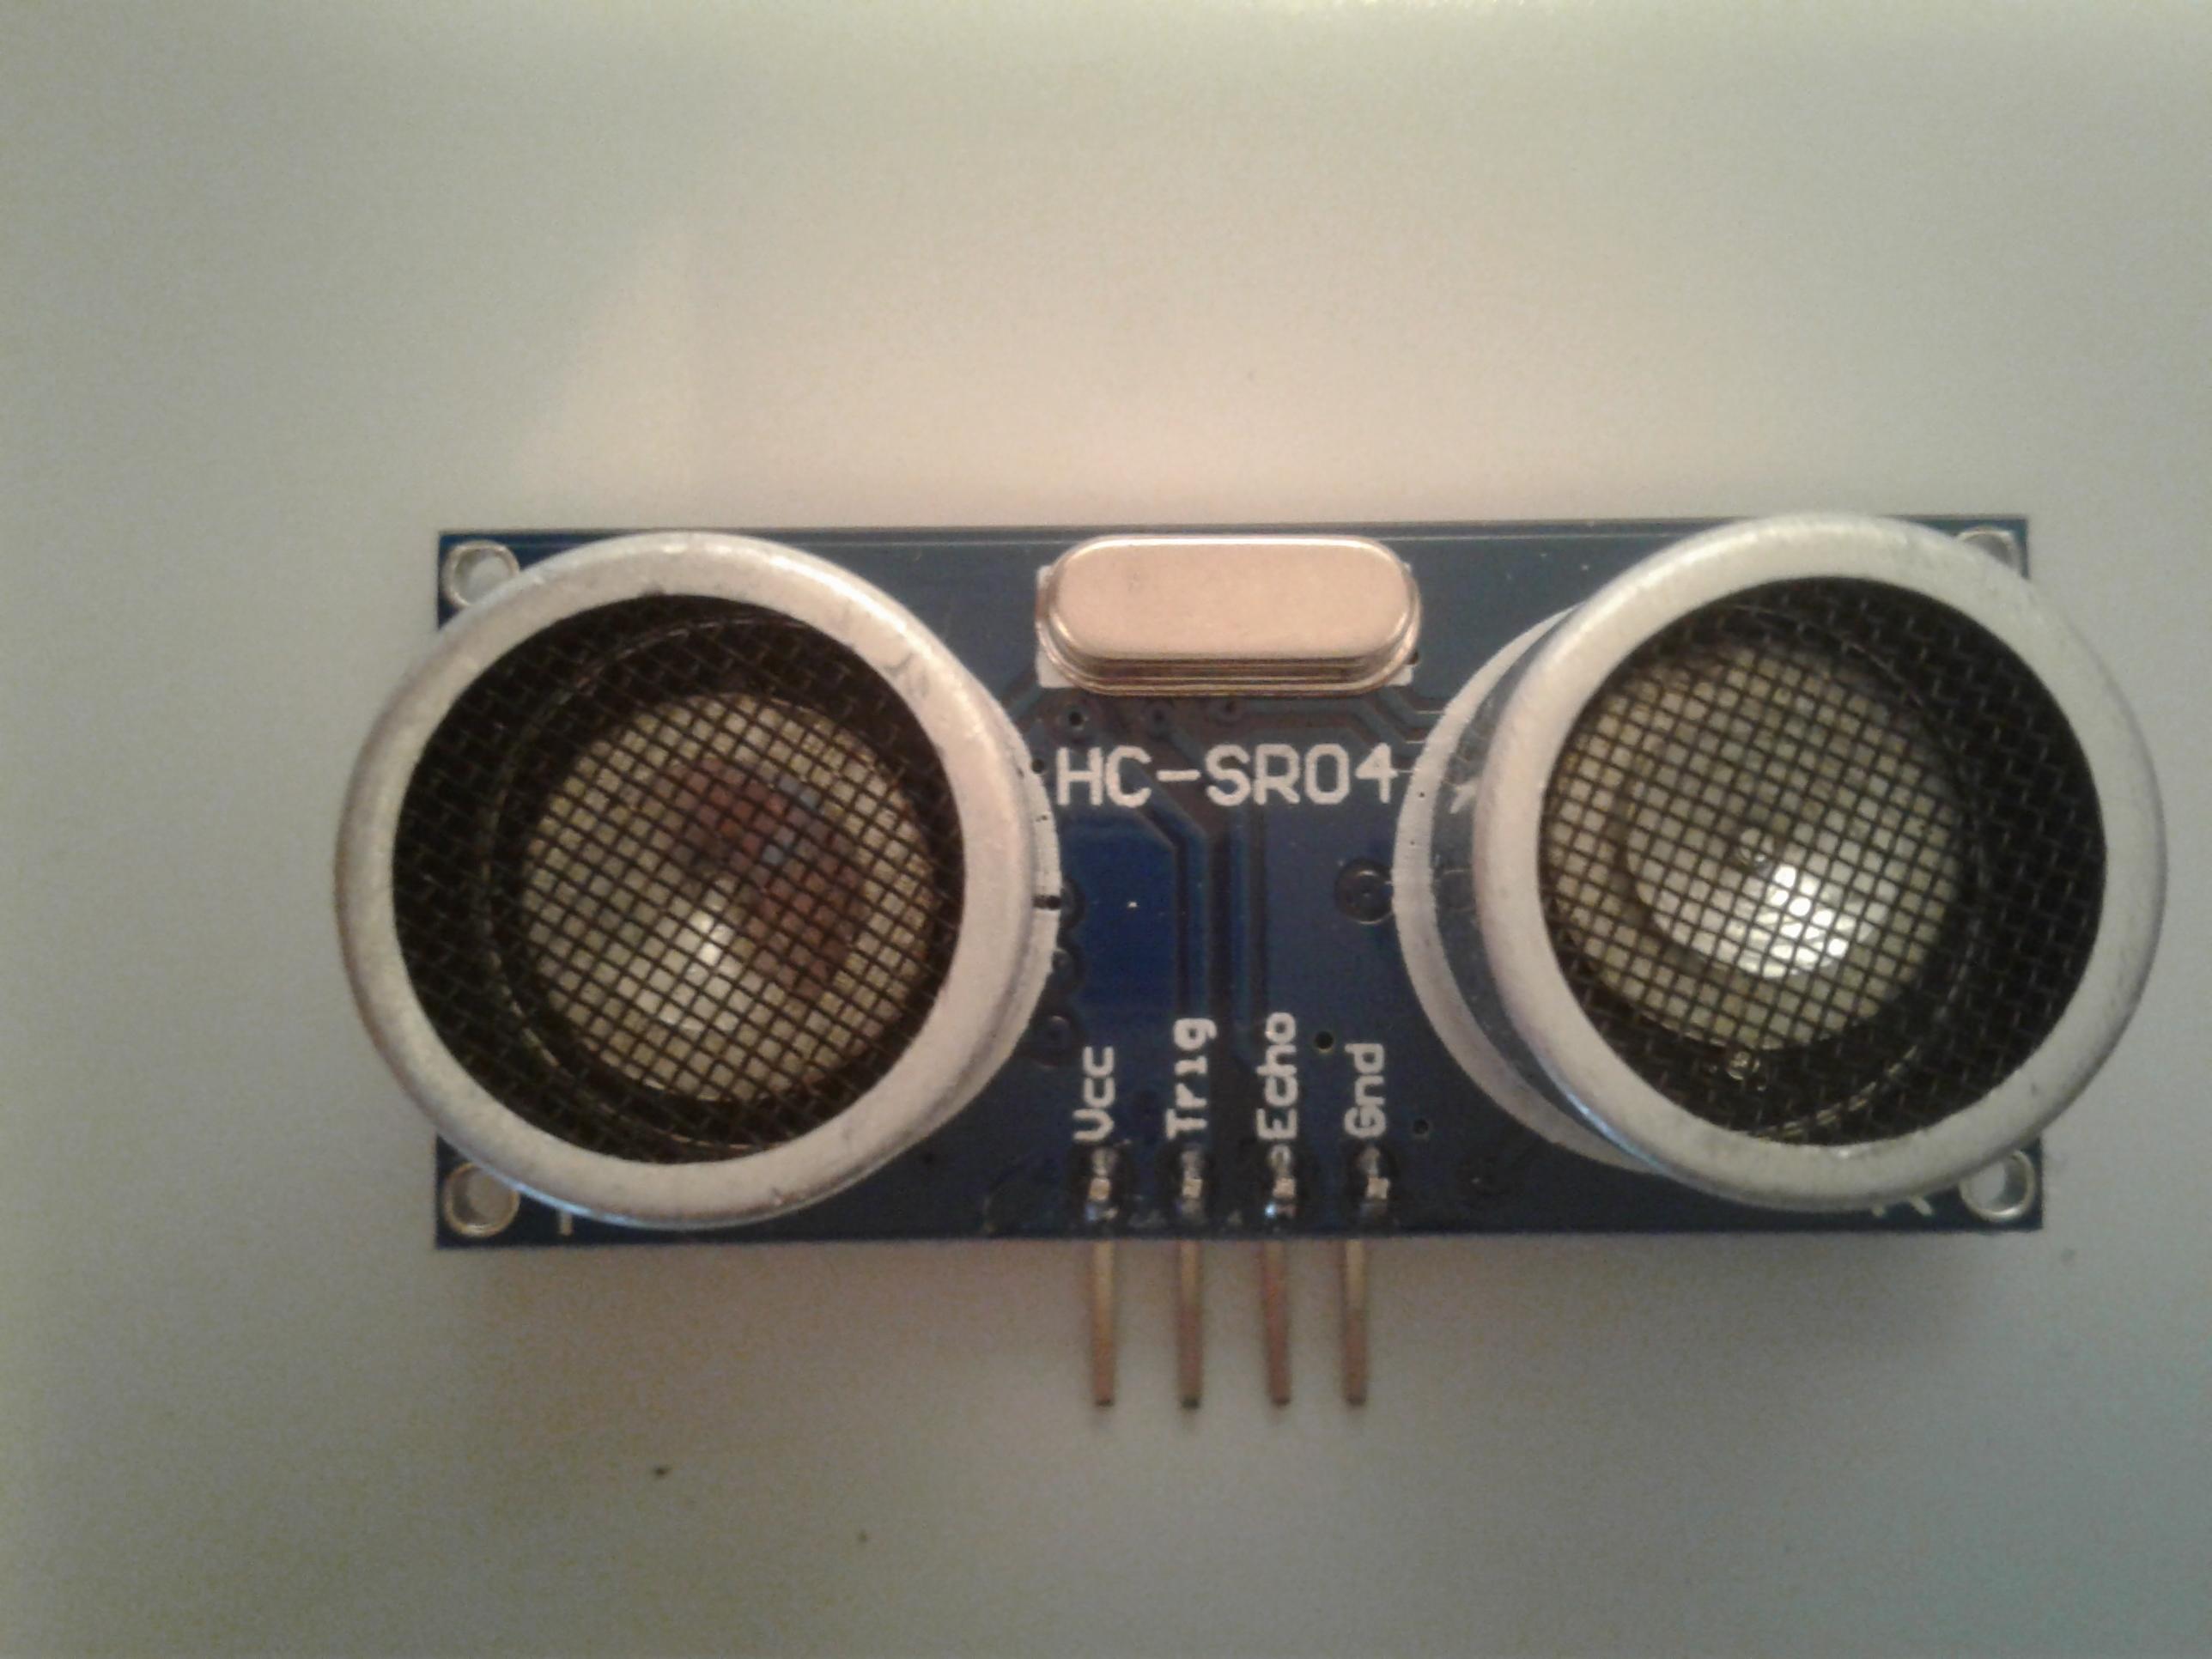 Ultraschall Entfernungsmesser Hc Sr04 : Ultraschallfühler hc sr beschreibung und bewertung